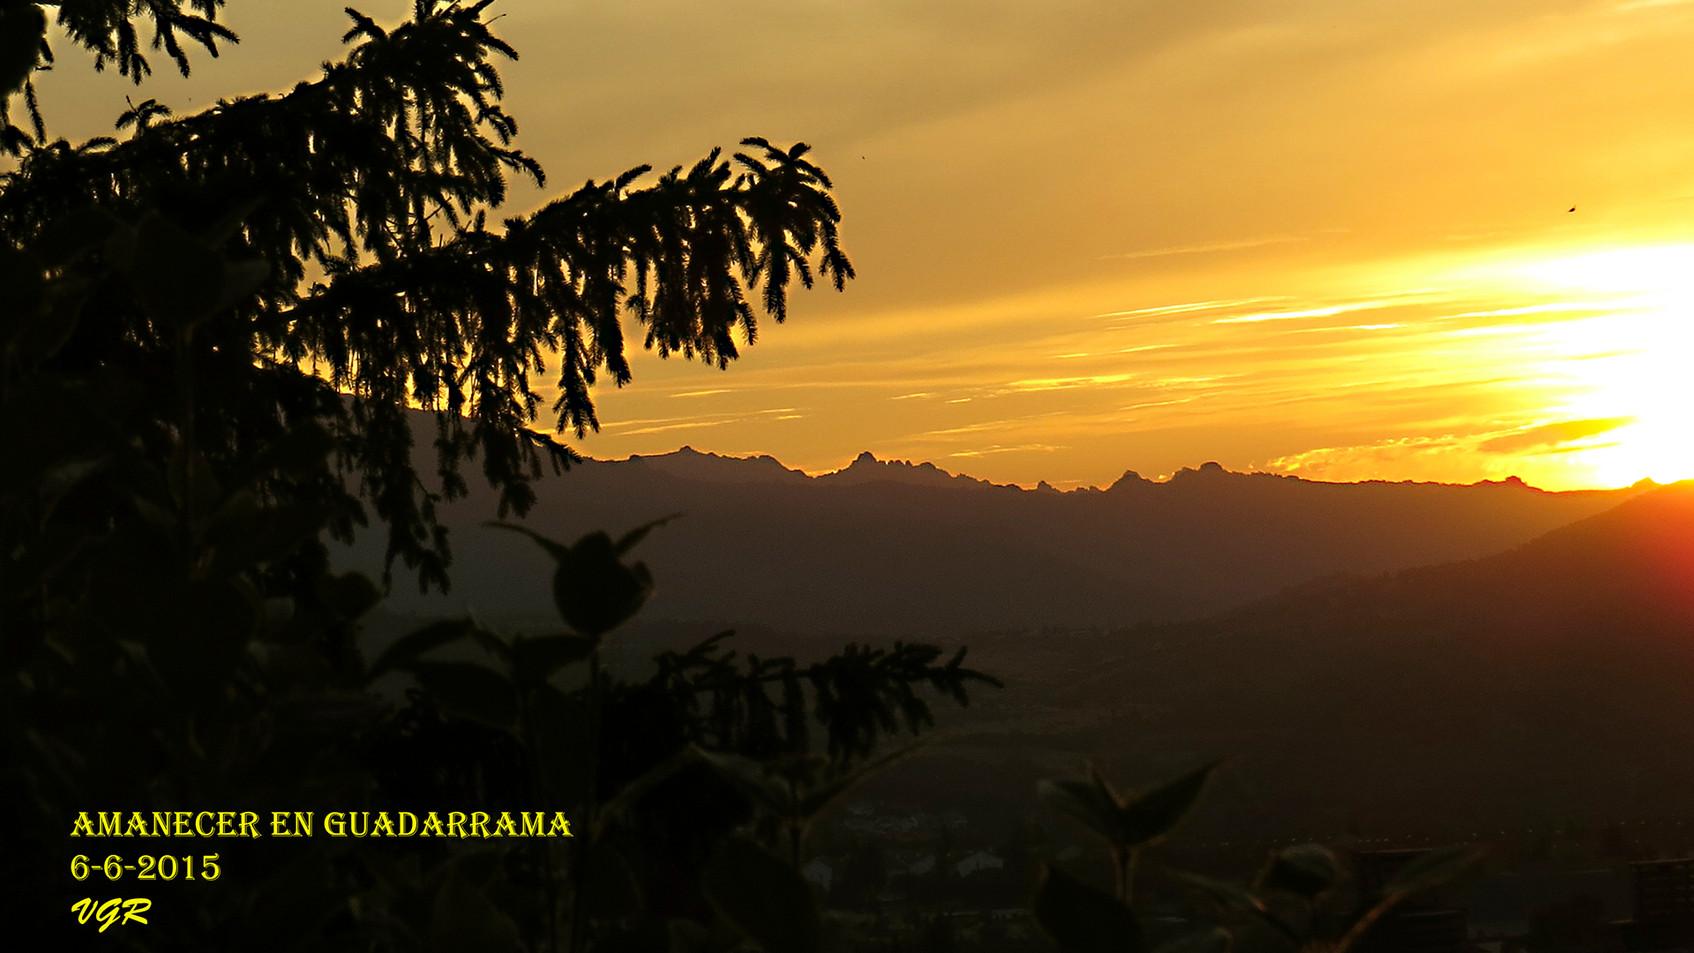 Amanecer-Guadarrama1-WEB.jpg